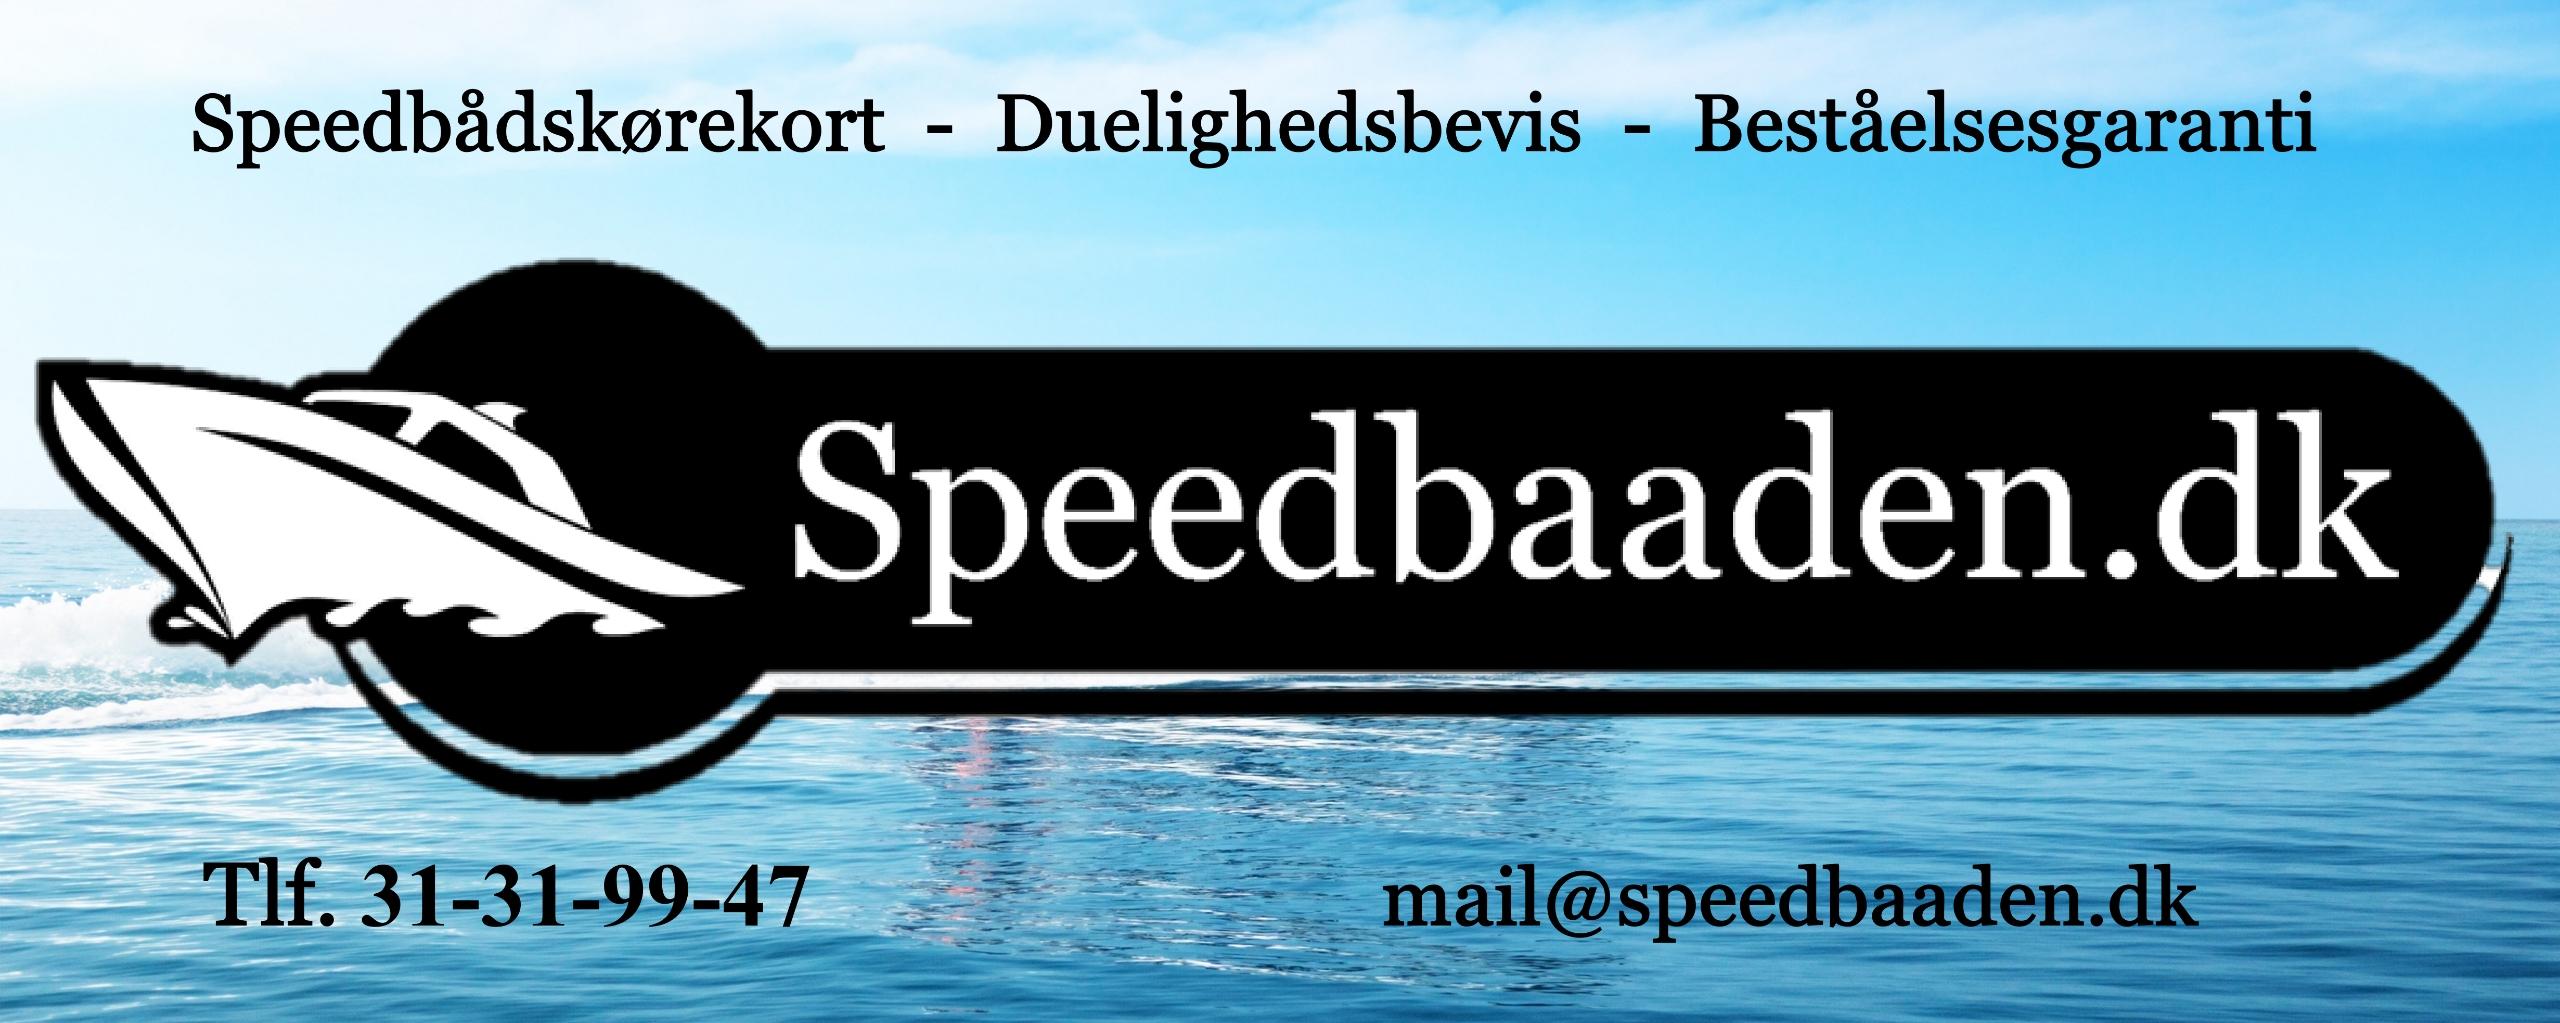 speedbå (@speedbaaden) Cover Image